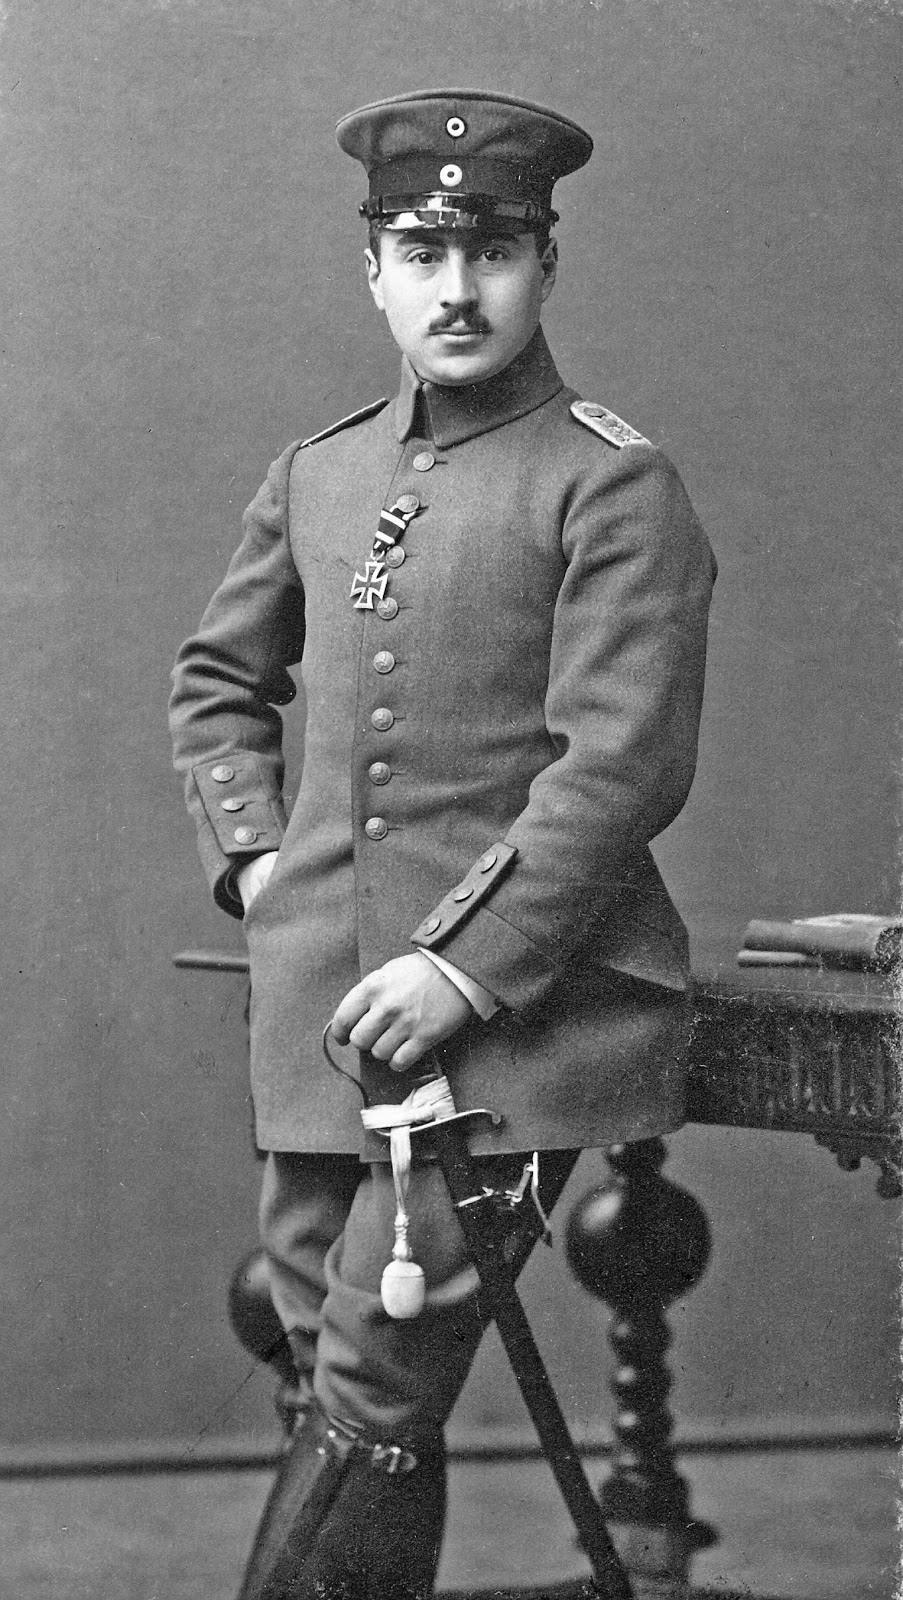 Эрнст Хесс (Ernst Hess) еврей был командиром роты, в которой служил Гитлер. По личному приказу фюрера его запрещалось преследовать.